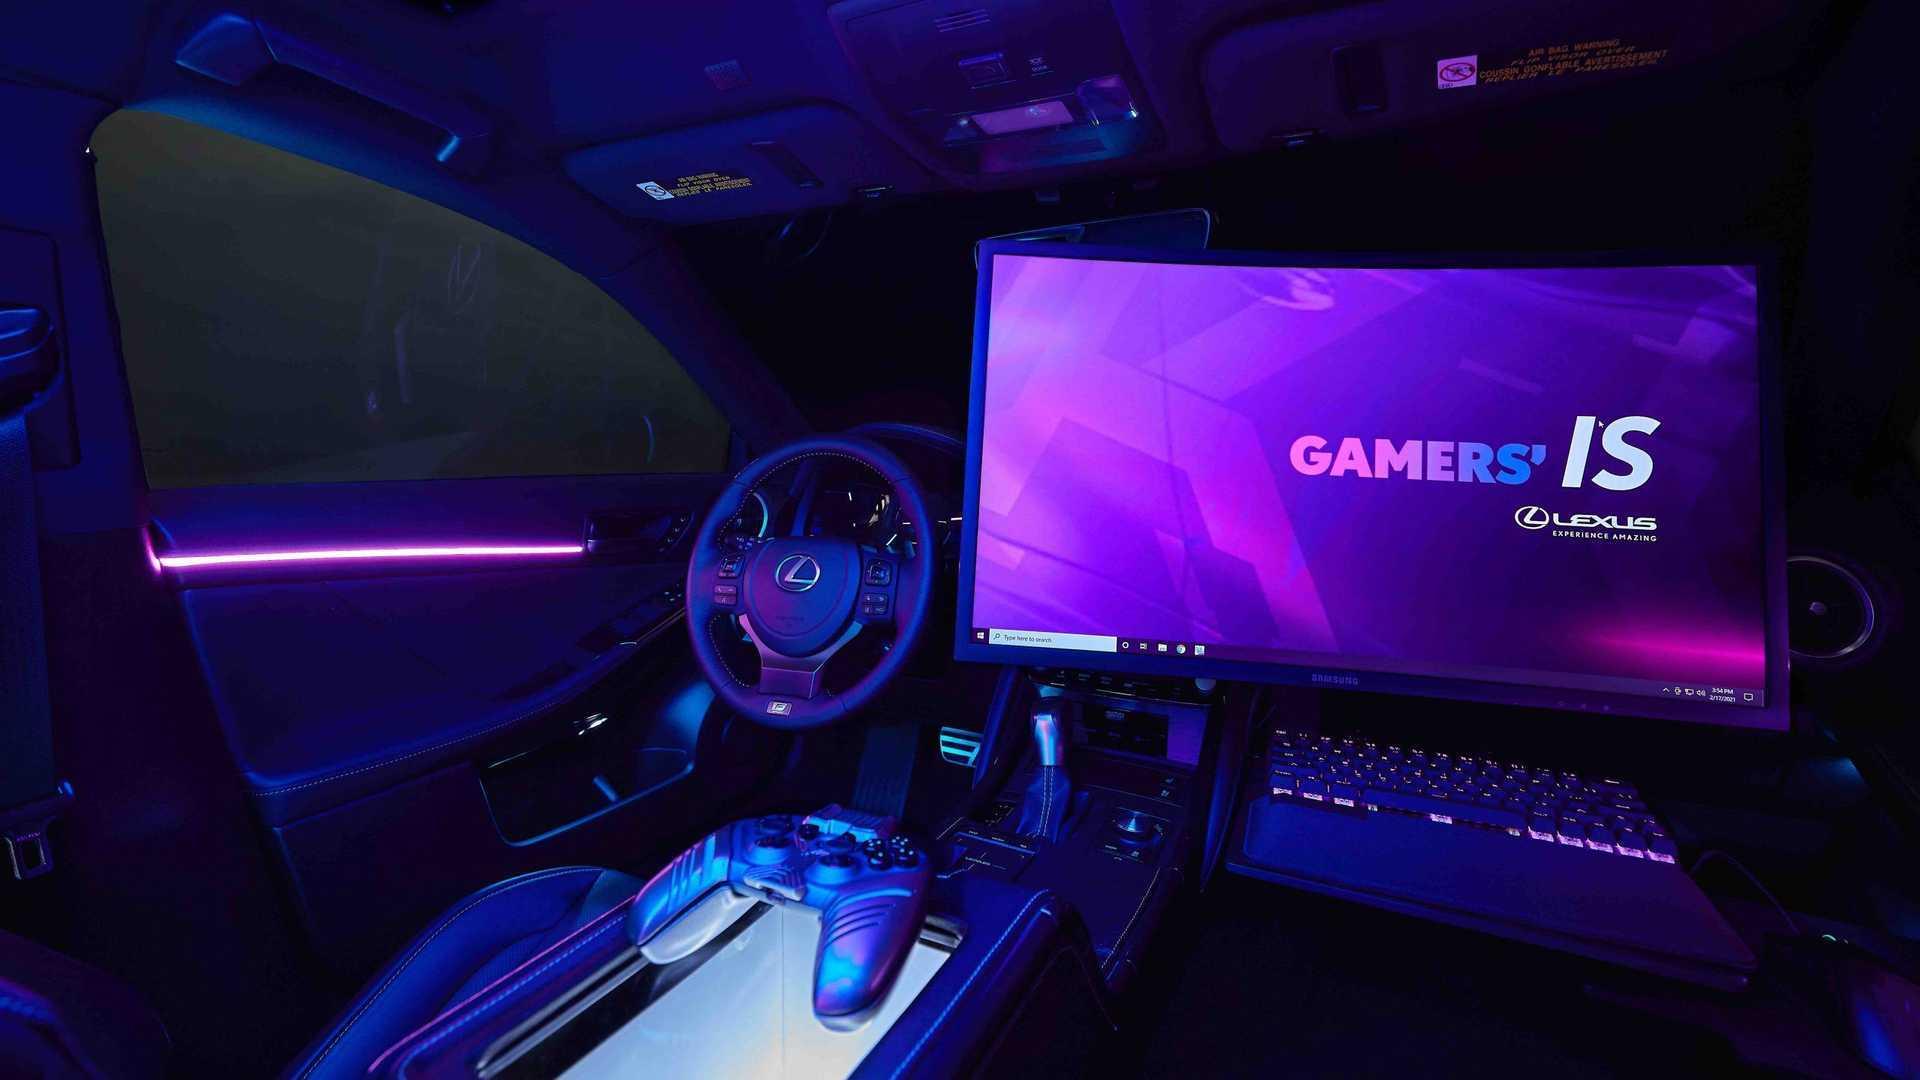 Странные товарищи: Lexus и Twitch создают идеальный игровой автомобиль